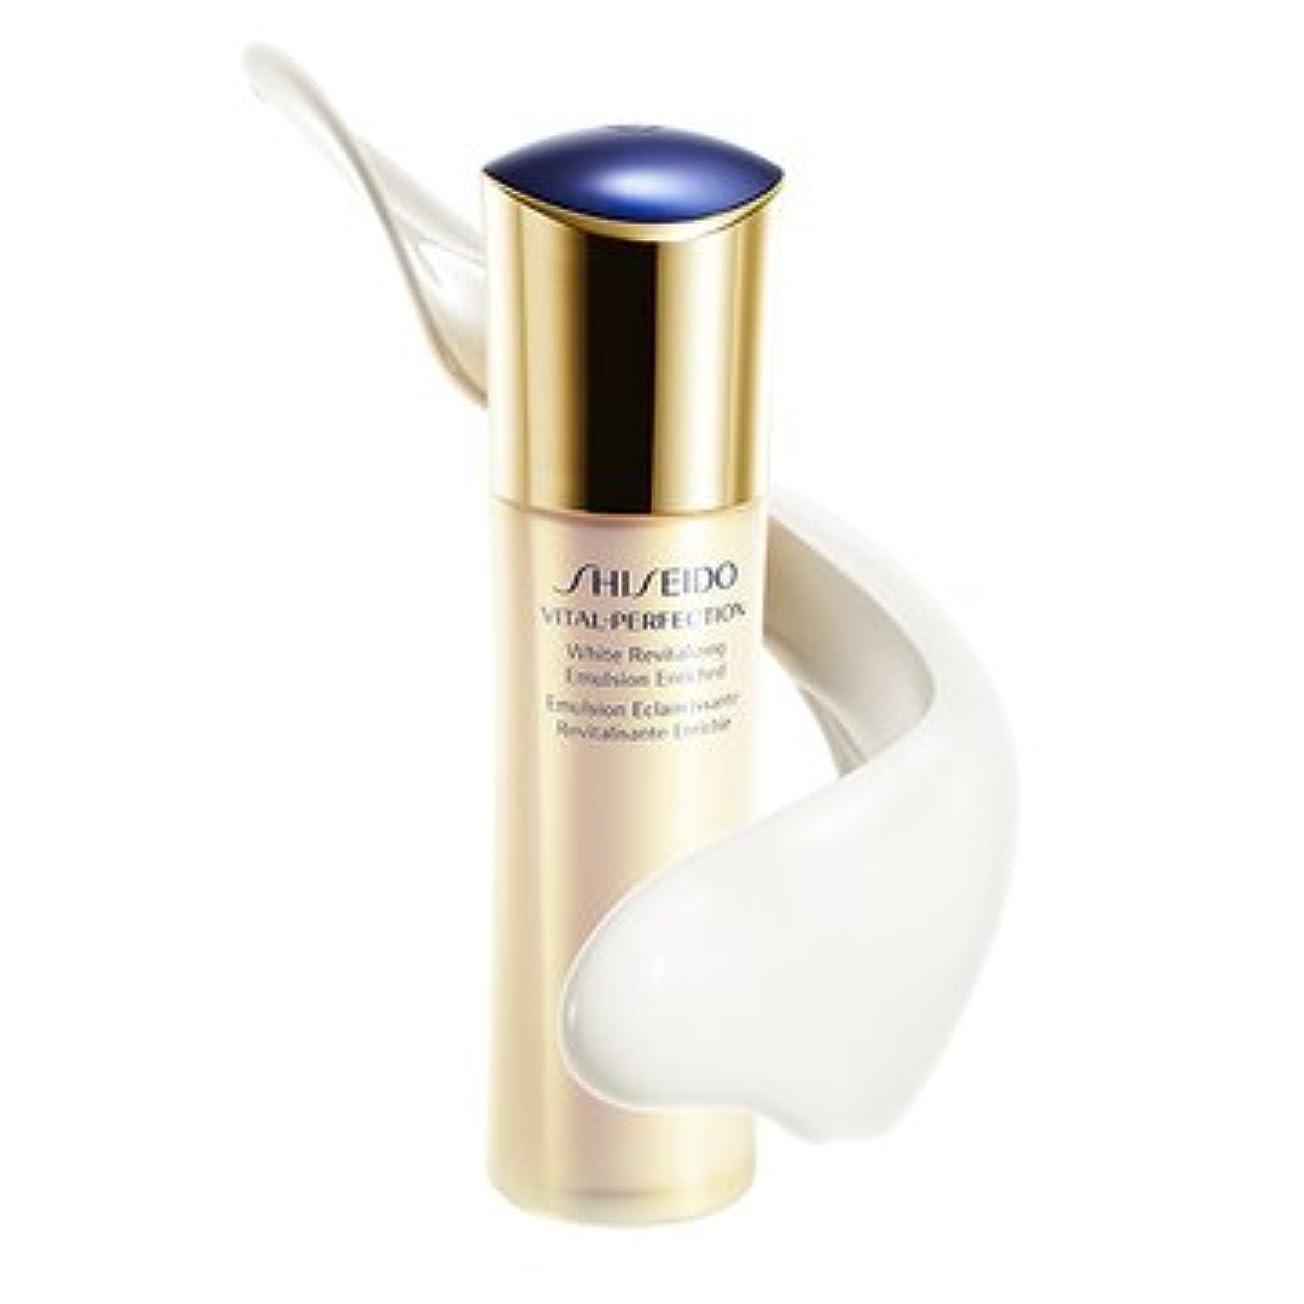 チャンピオン早く落ち着いて資生堂/shiseido バイタルパーフェクション/VITAL-PERFECTION ホワイトRV エマルジョン(医薬部外品)美白乳液